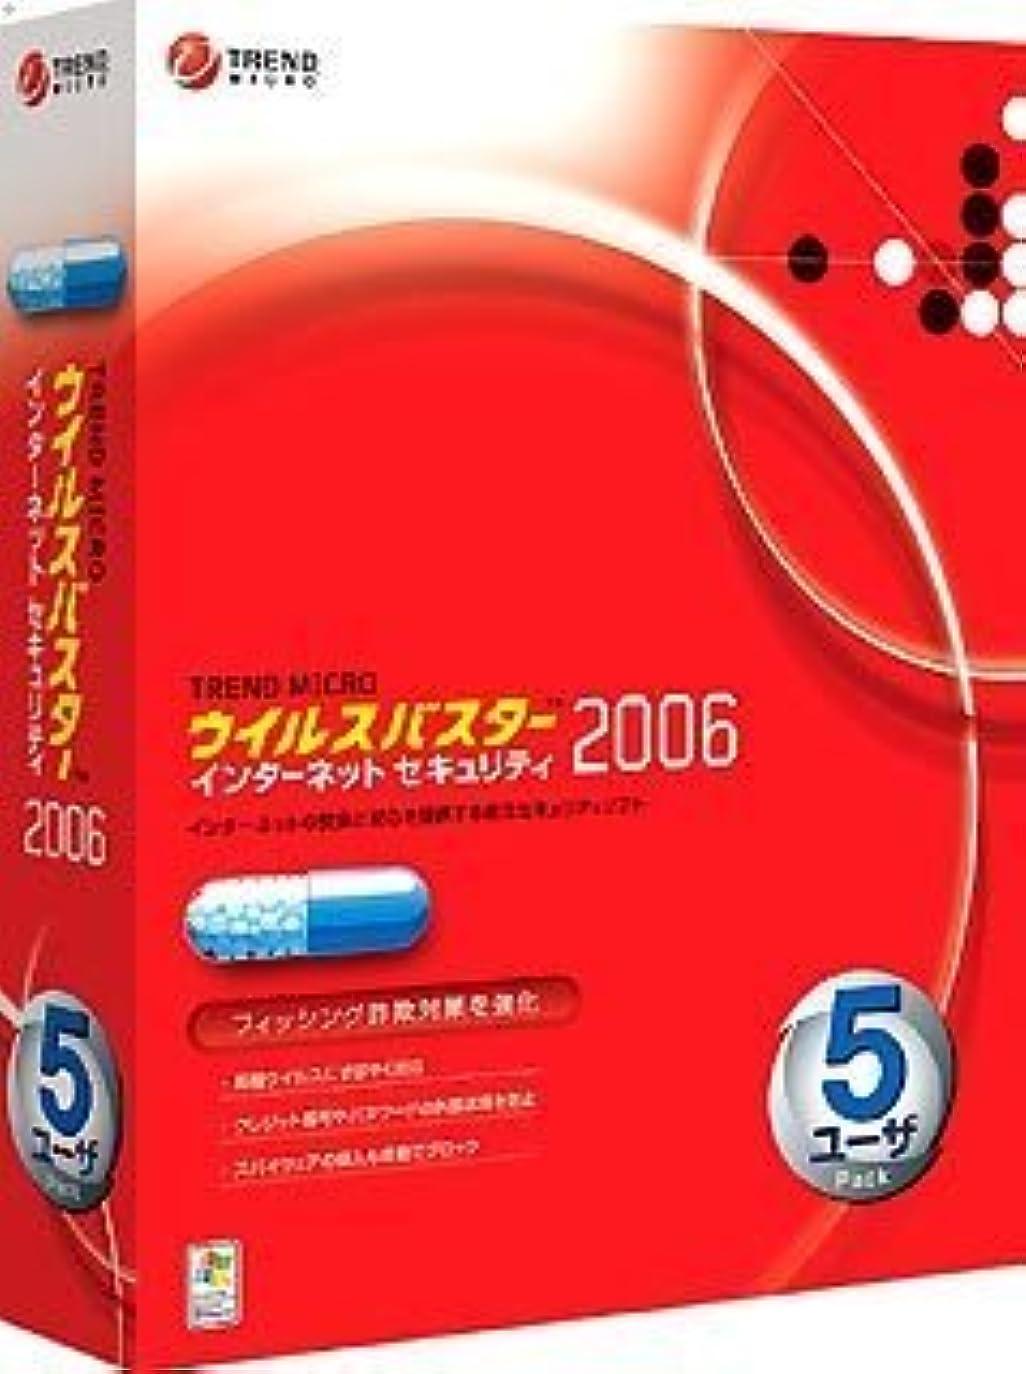 行商人発掘する手伝うウイルスバスター 2006 インターネットセキュリティ 5ユーザ